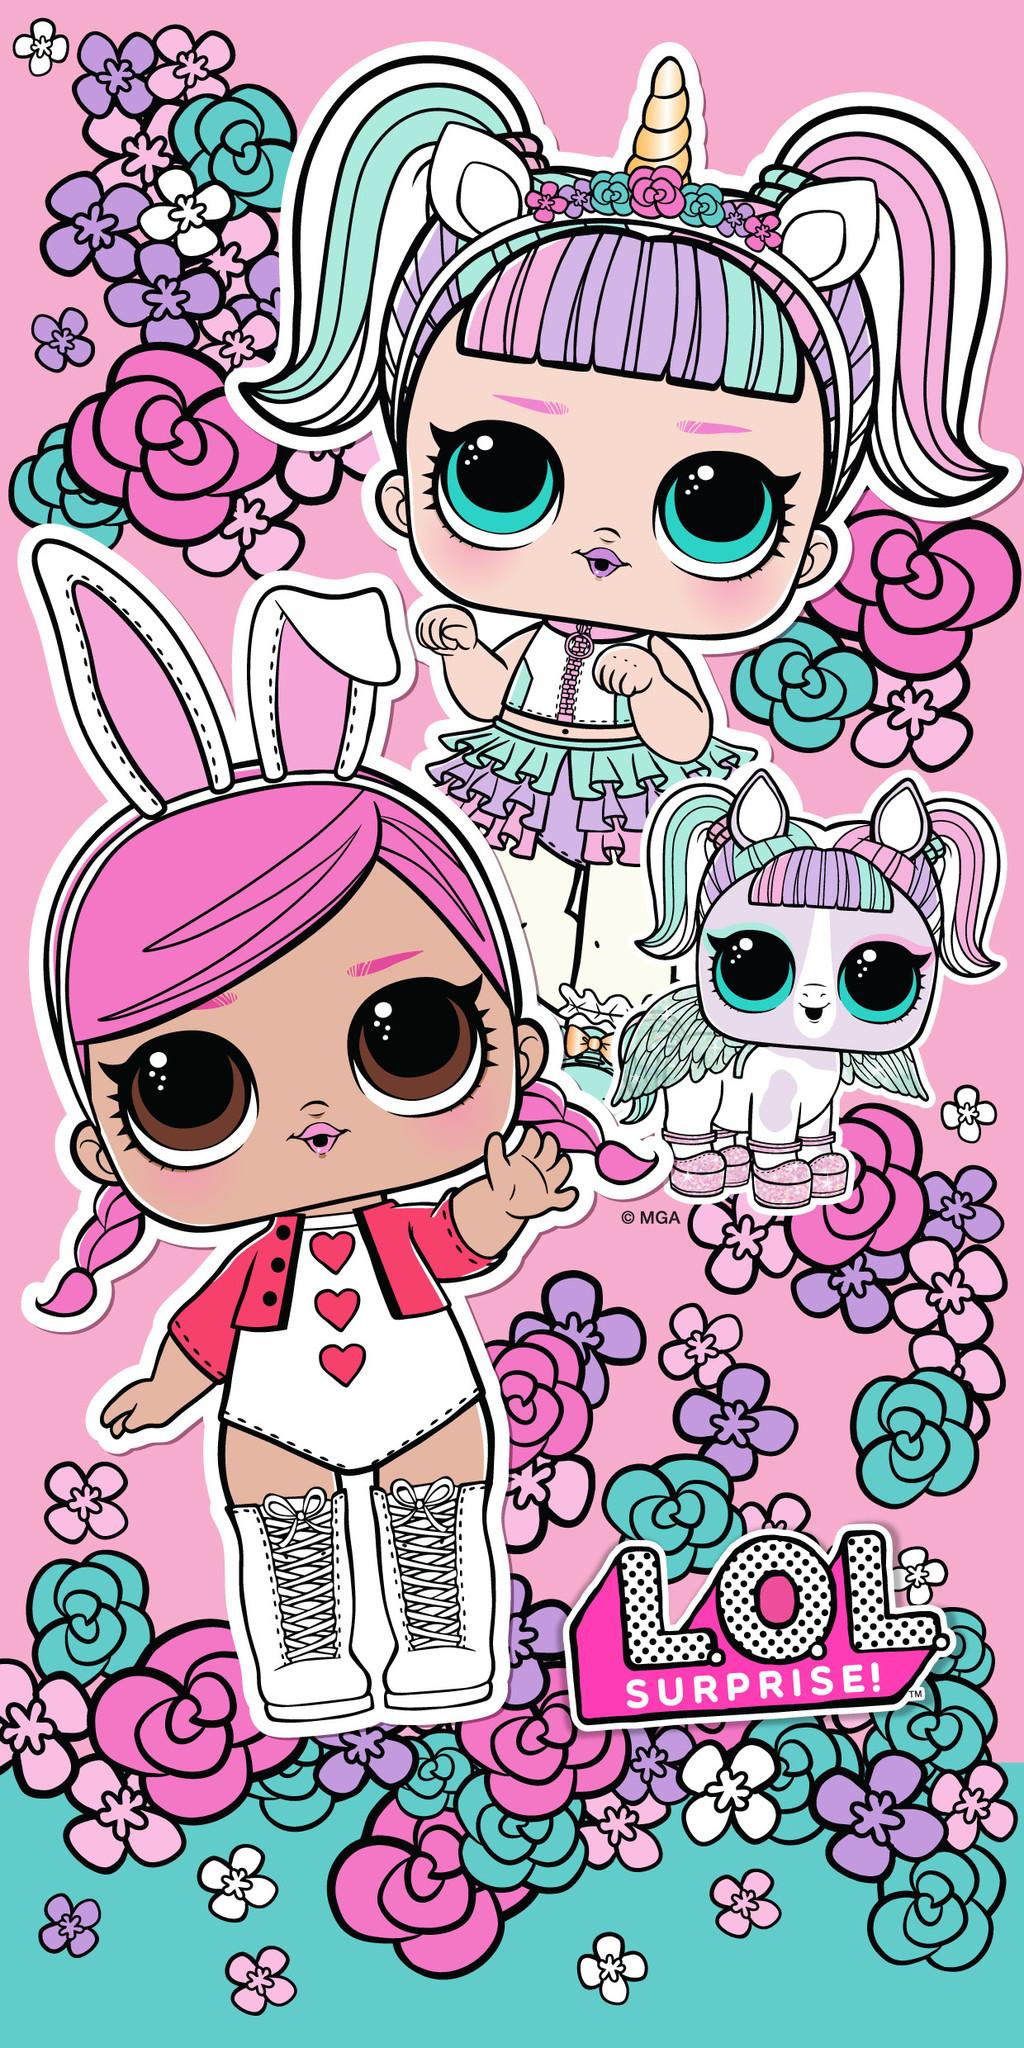 L.O.L. Surprise L.O.L. Surprise Towel Bunny Unicorn